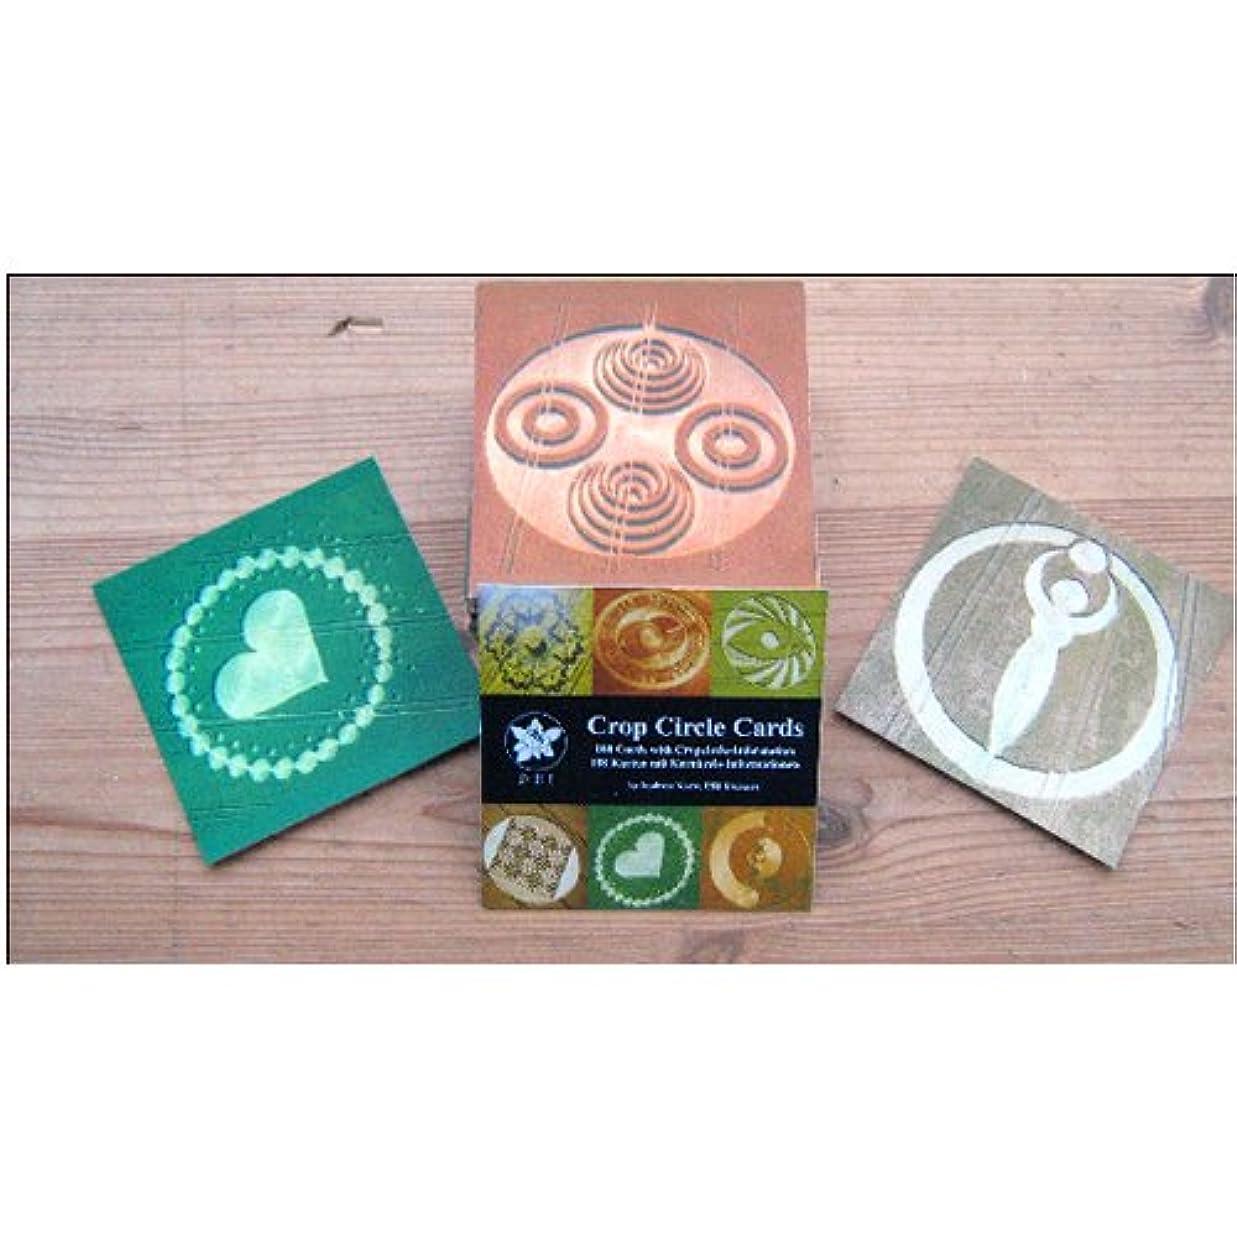 連想宙返り鏡コルテ PHIエッセンス クロップサークル カード(全108枚) (PHI Essences) 日本国内正規品